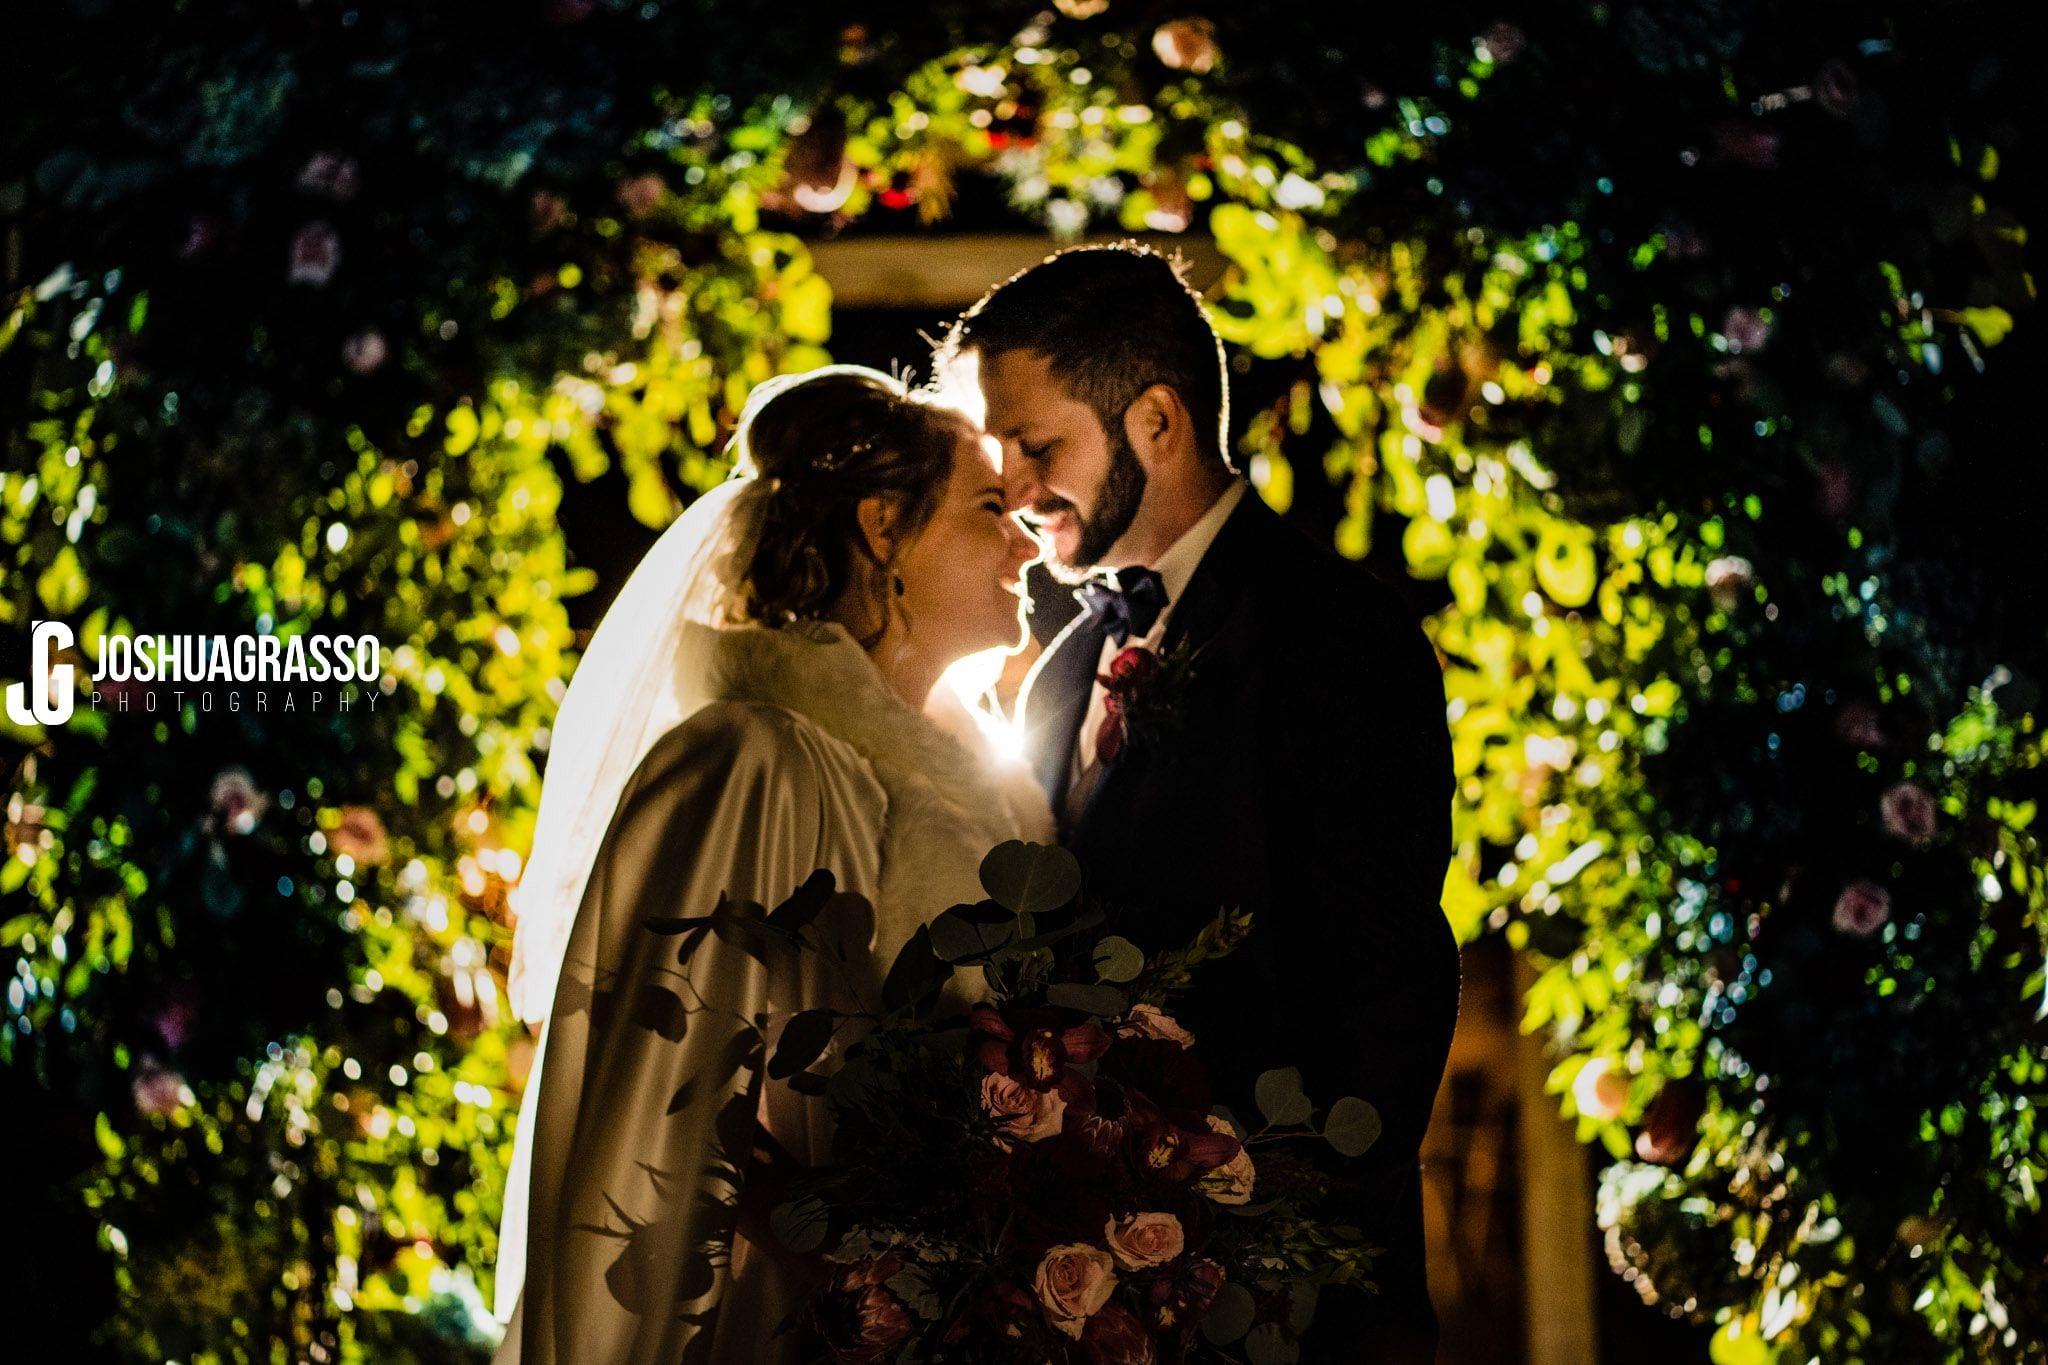 Wedding portrait of bride and groom at walnut hill farm wedding venue.